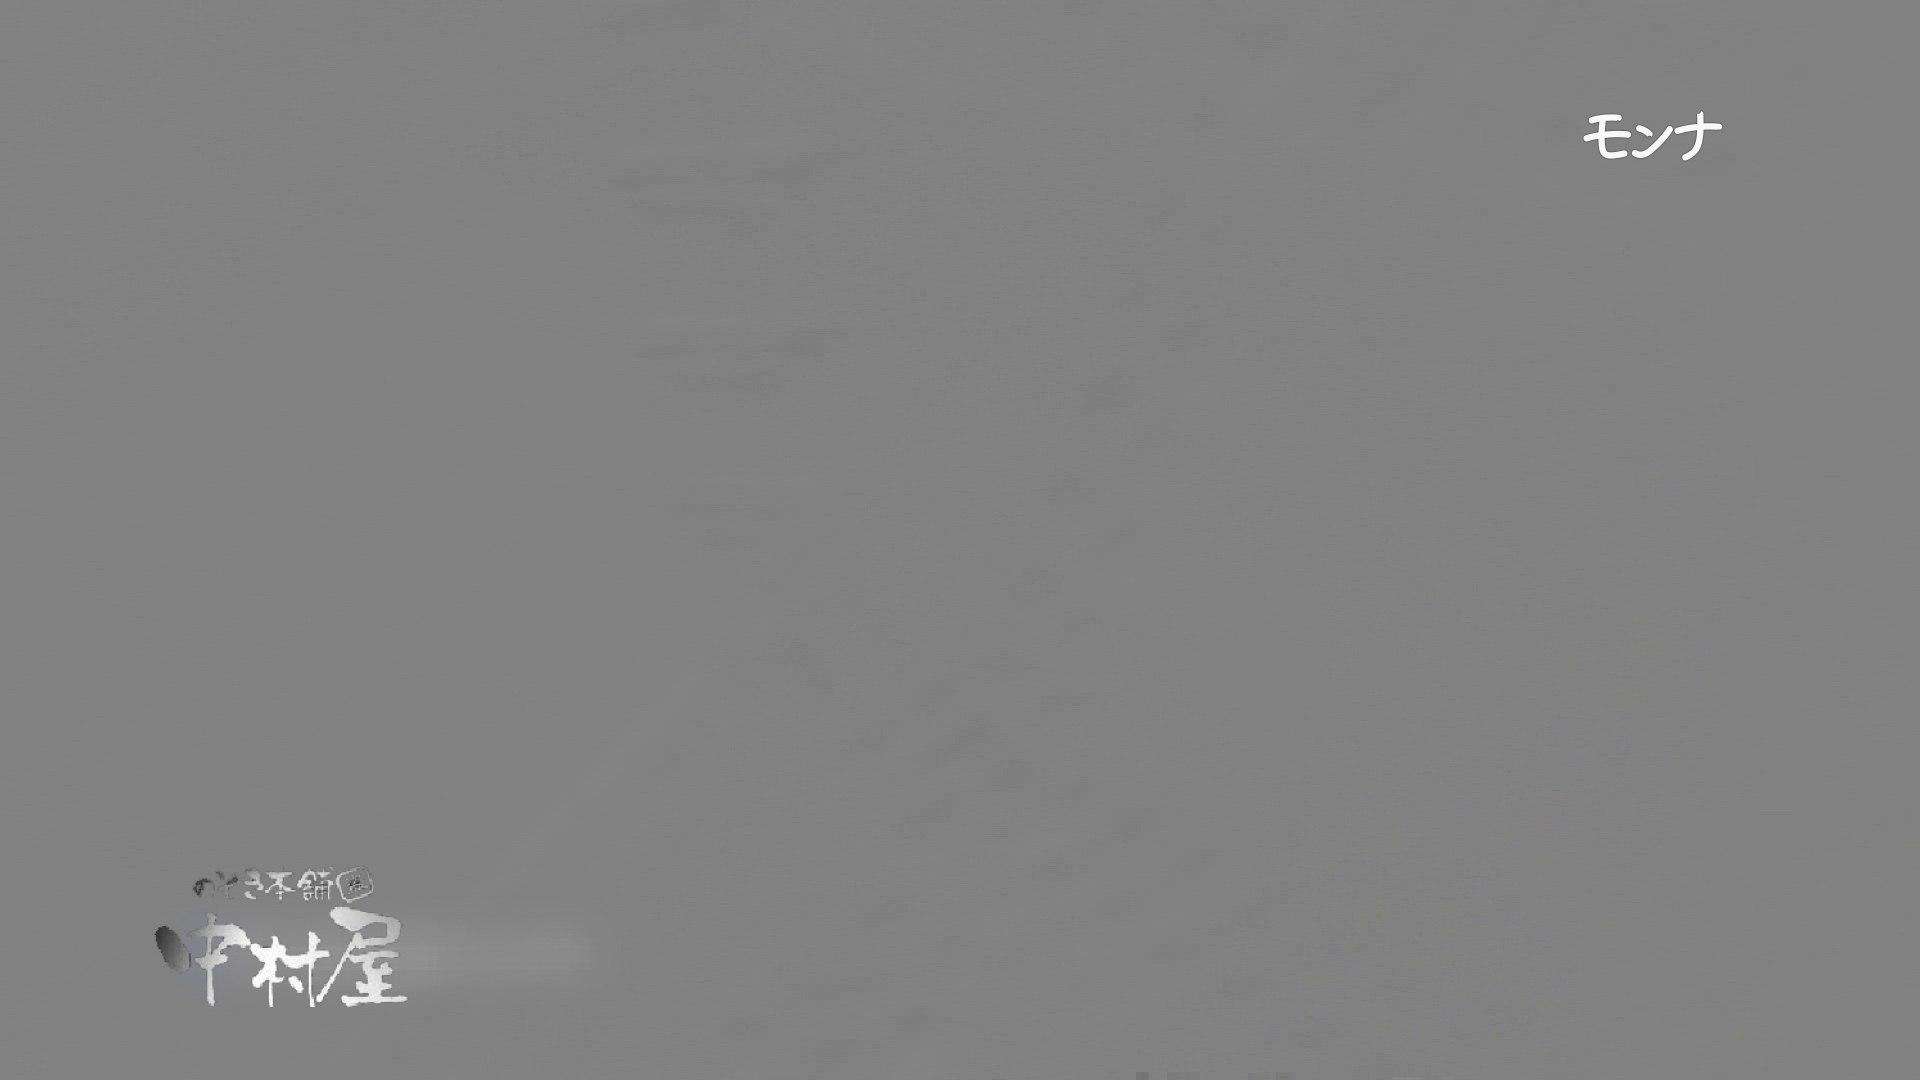 【美しい日本の未来】新学期!!下半身中心に攻めてます美女可愛い女子悪戯盗satuトイレ後編 悪戯 | 下半身  97pic 1